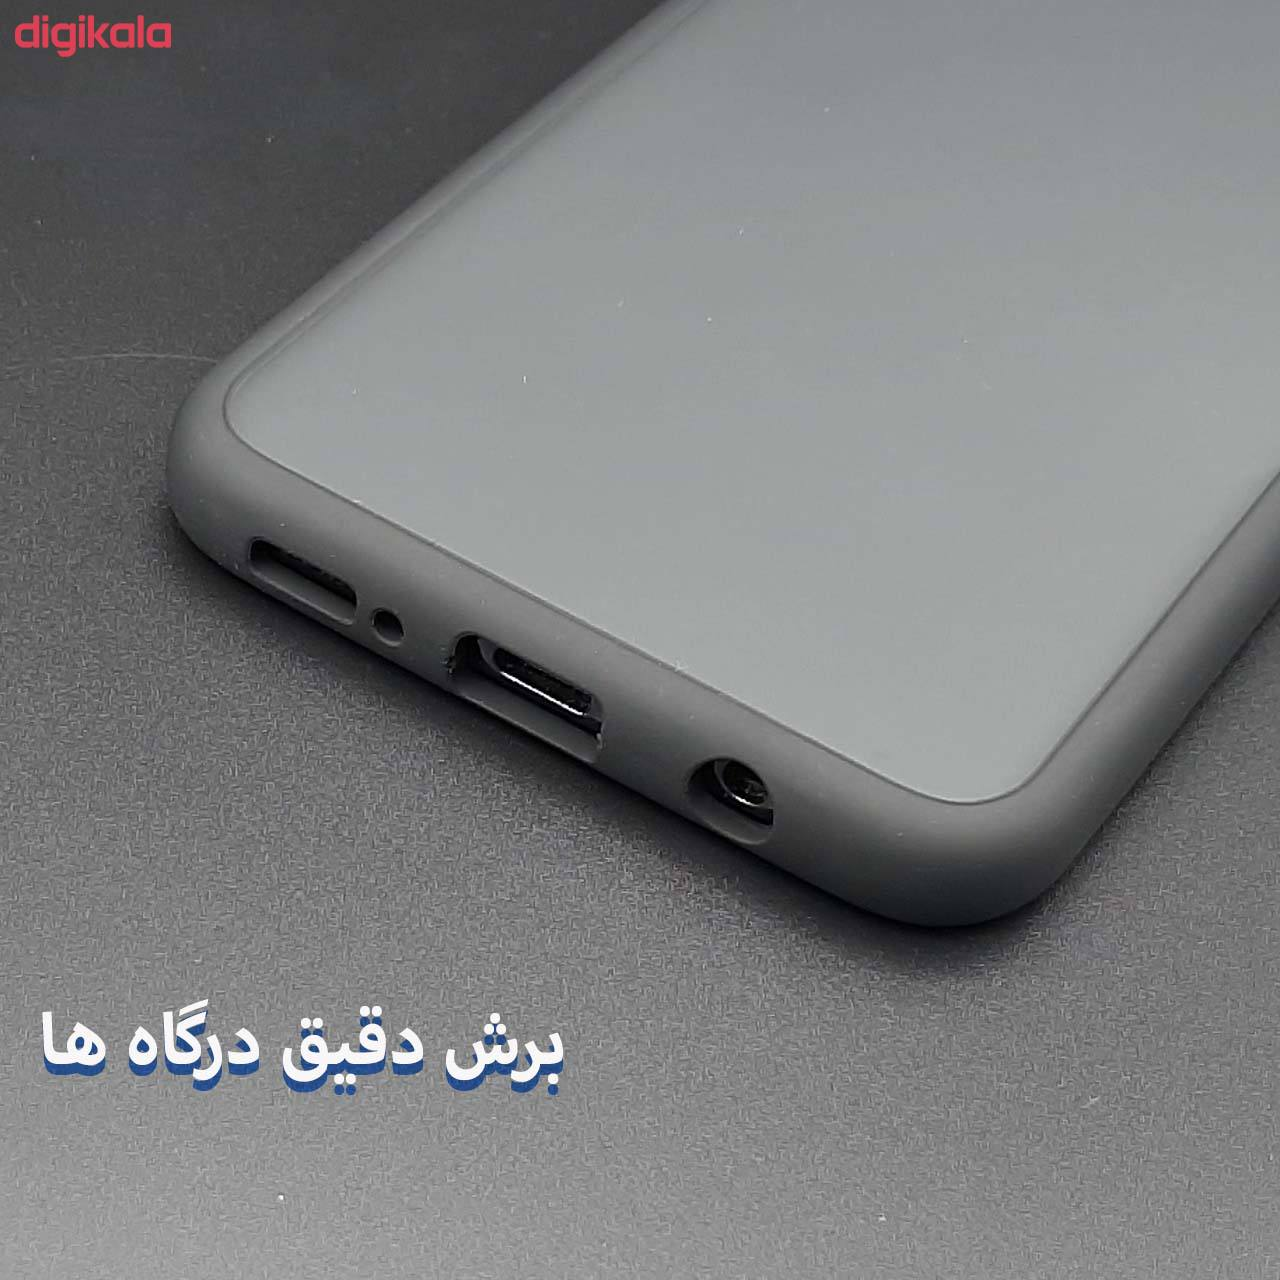 کاور کینگ پاور مدل M21 مناسب برای گوشی موبایل سامسونگ Galaxy A70/ A70S main 1 3